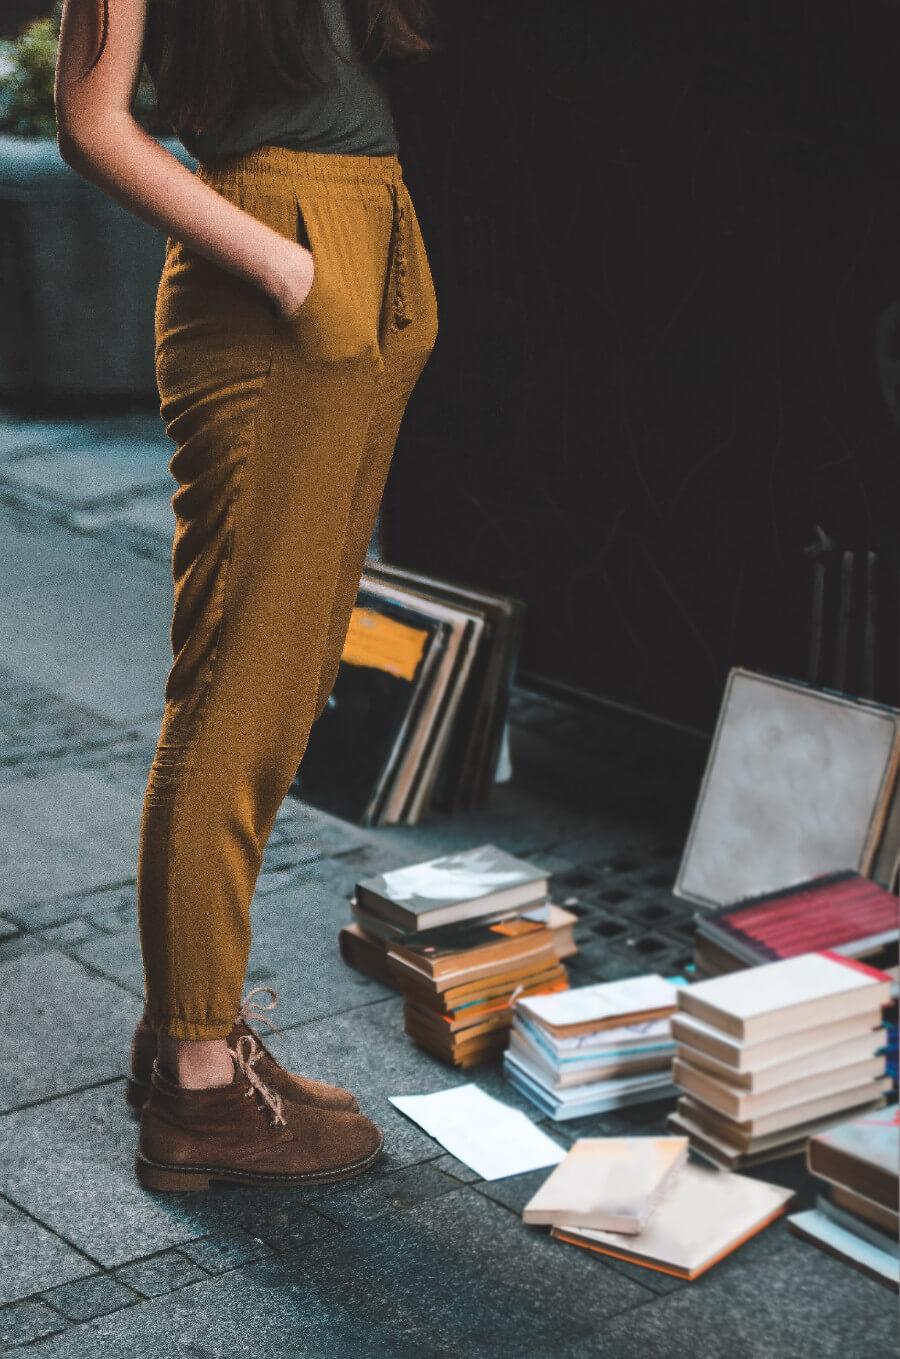 Dedykacja do książki - jaki cytat wybrać, jaką książkę wybrać